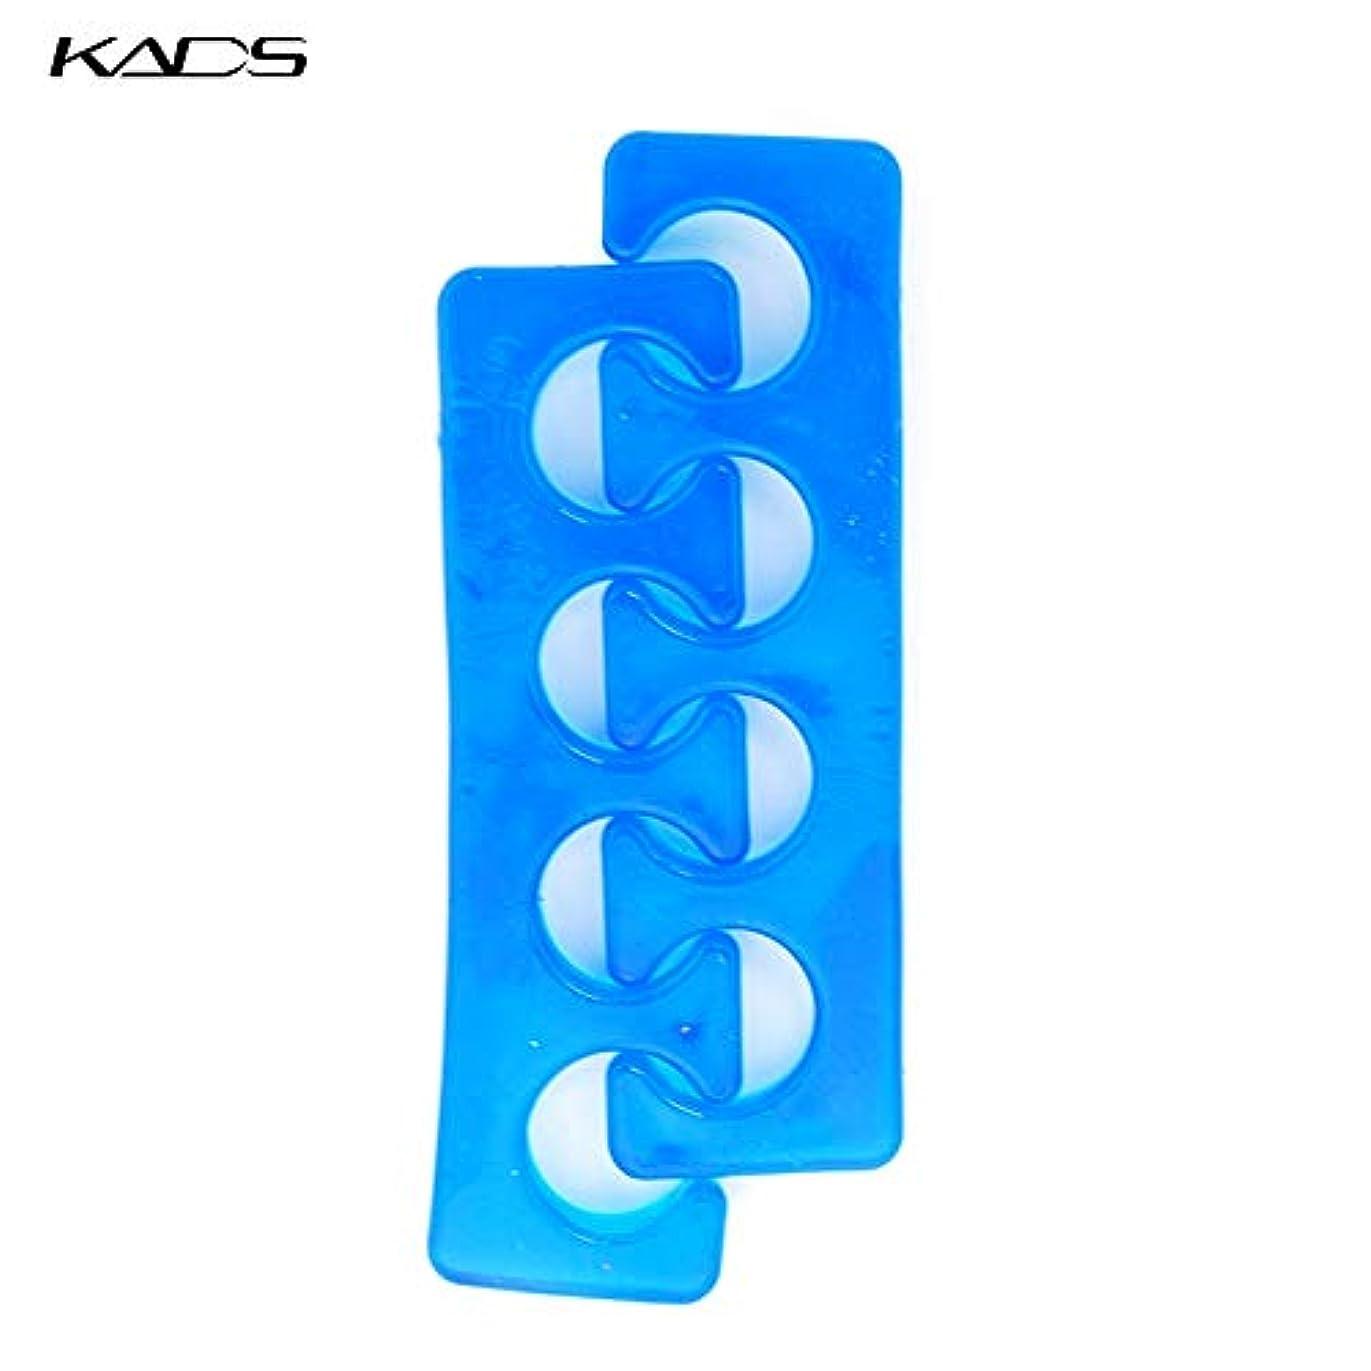 ロシア何故なの外出KADS 足指セパレーター 柔らかいシリコン製 2個入り ネイルセパレーター トウセパレーター ネイルアート用 (ブルー)